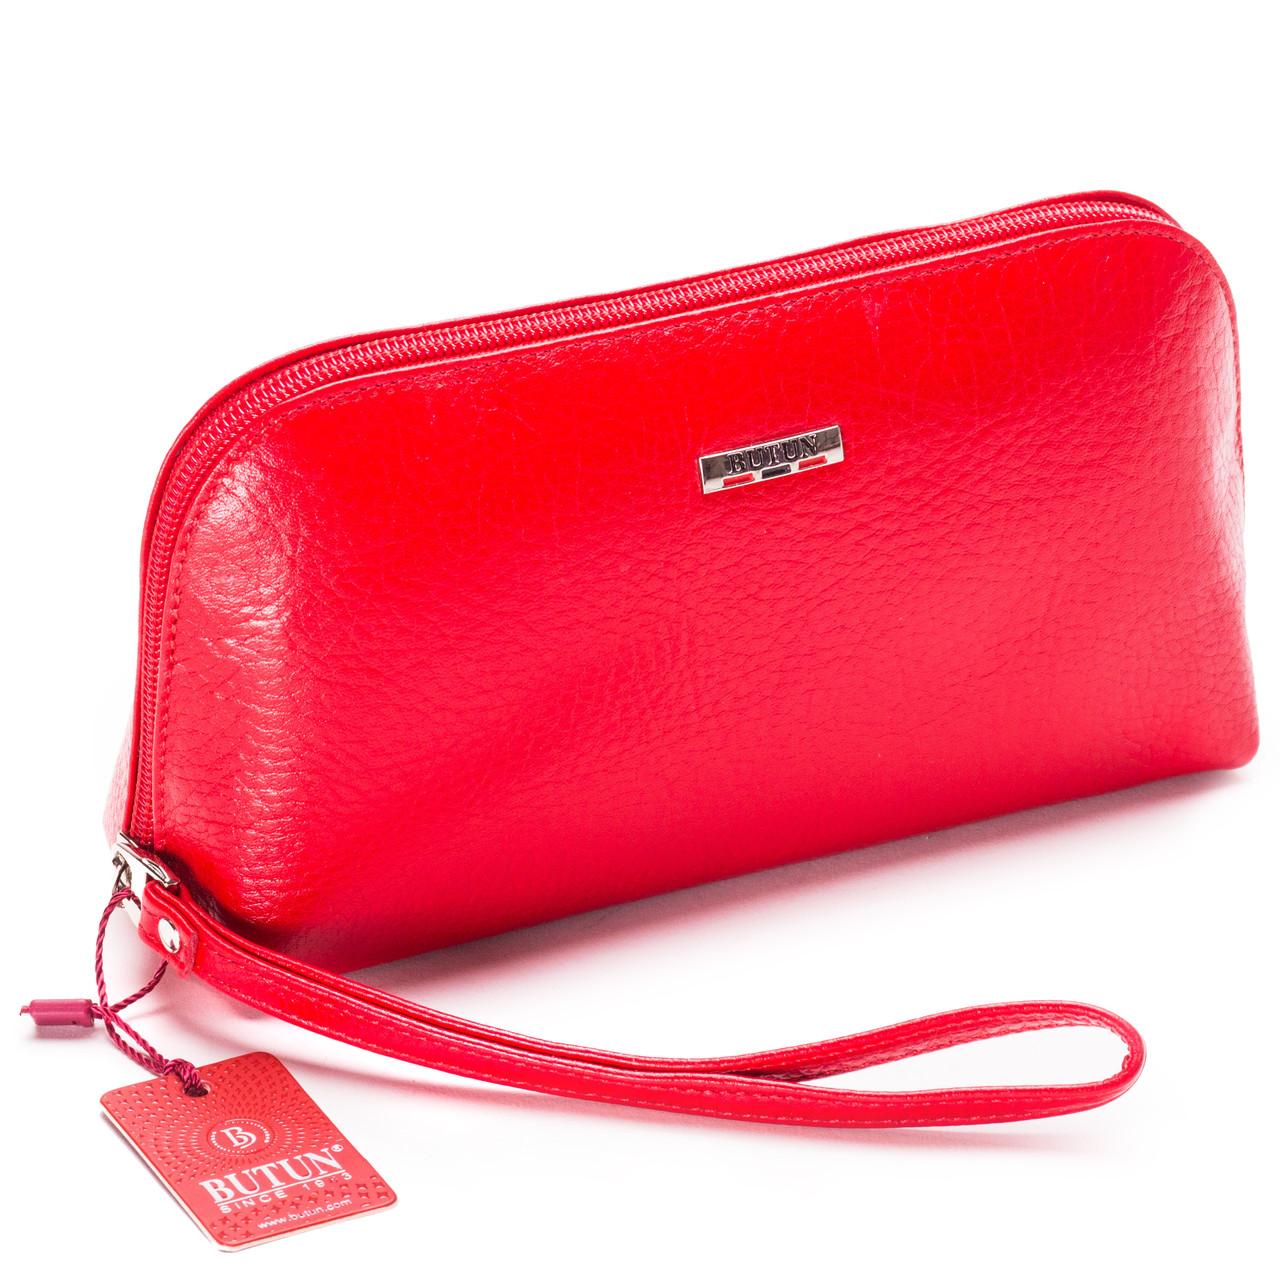 Женская косметичка красная из натуральной кожи Butun 657-004-006